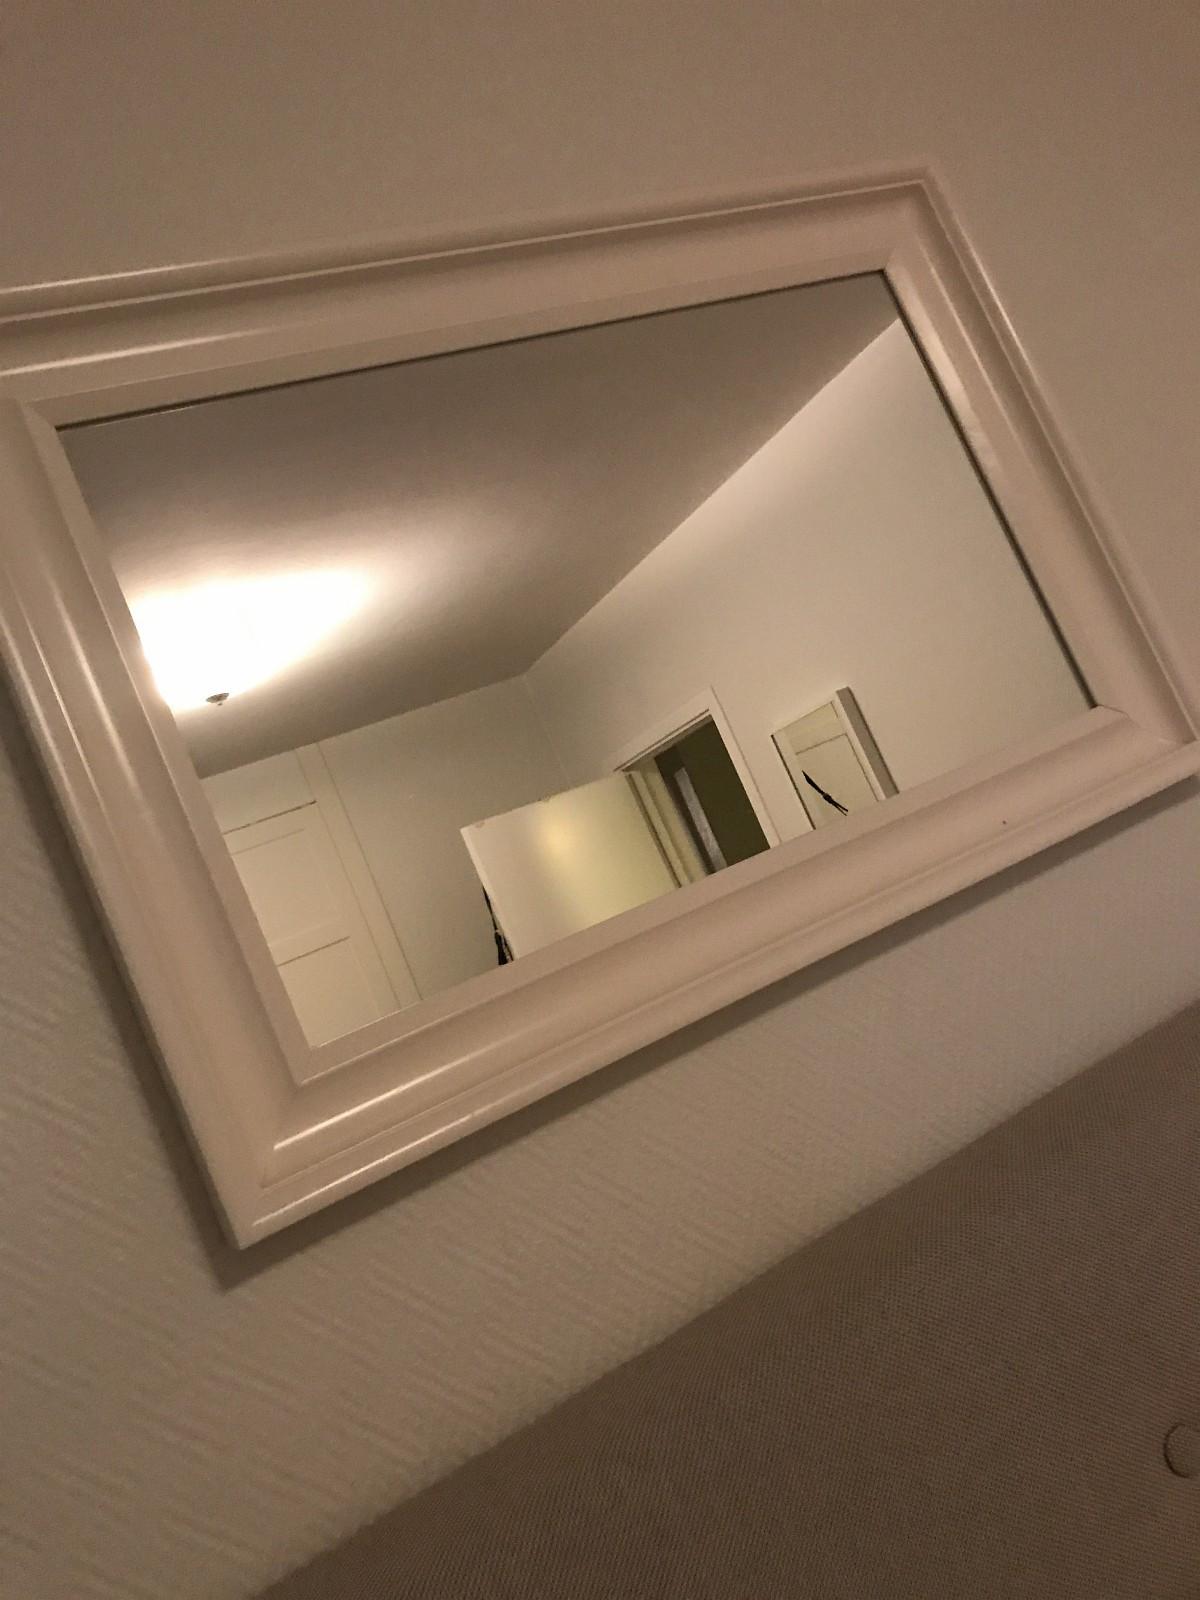 Hemnes speil Ikea - Oslo  - Hemnes Ikea speil som er relativt nytt og lite brukt. Speilet er i hvitt. Må hentes - Oslo